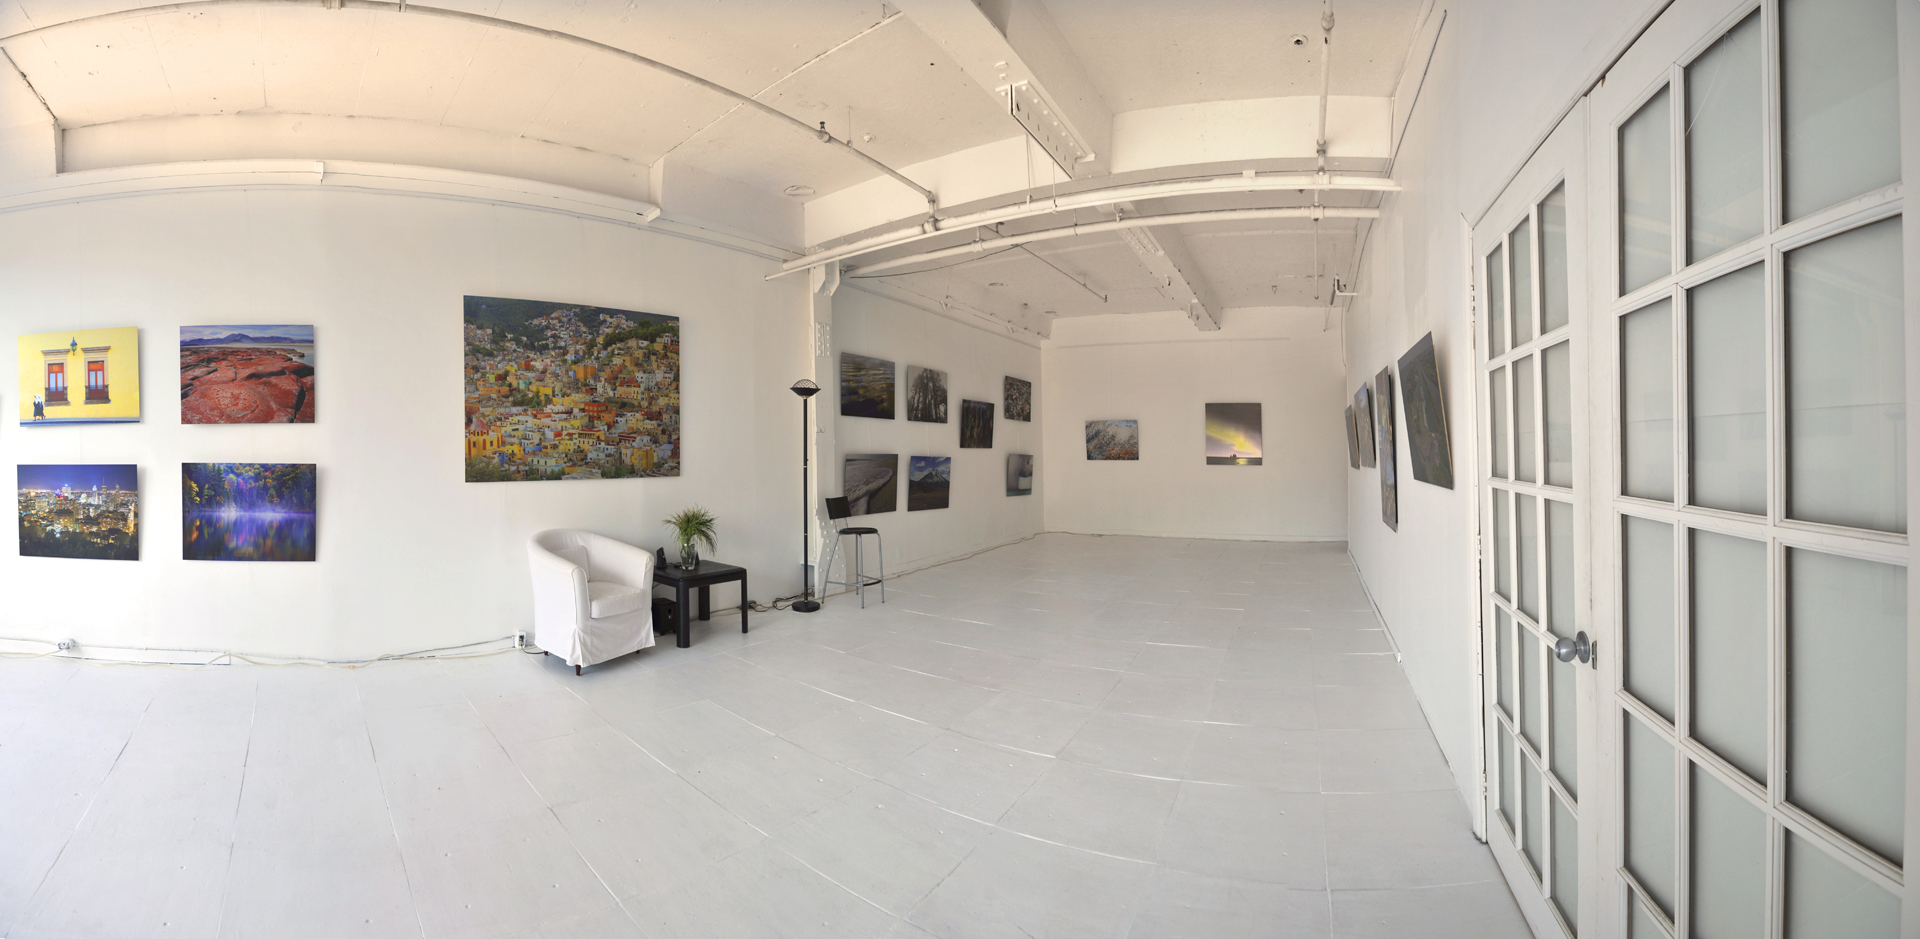 Studio Nikita